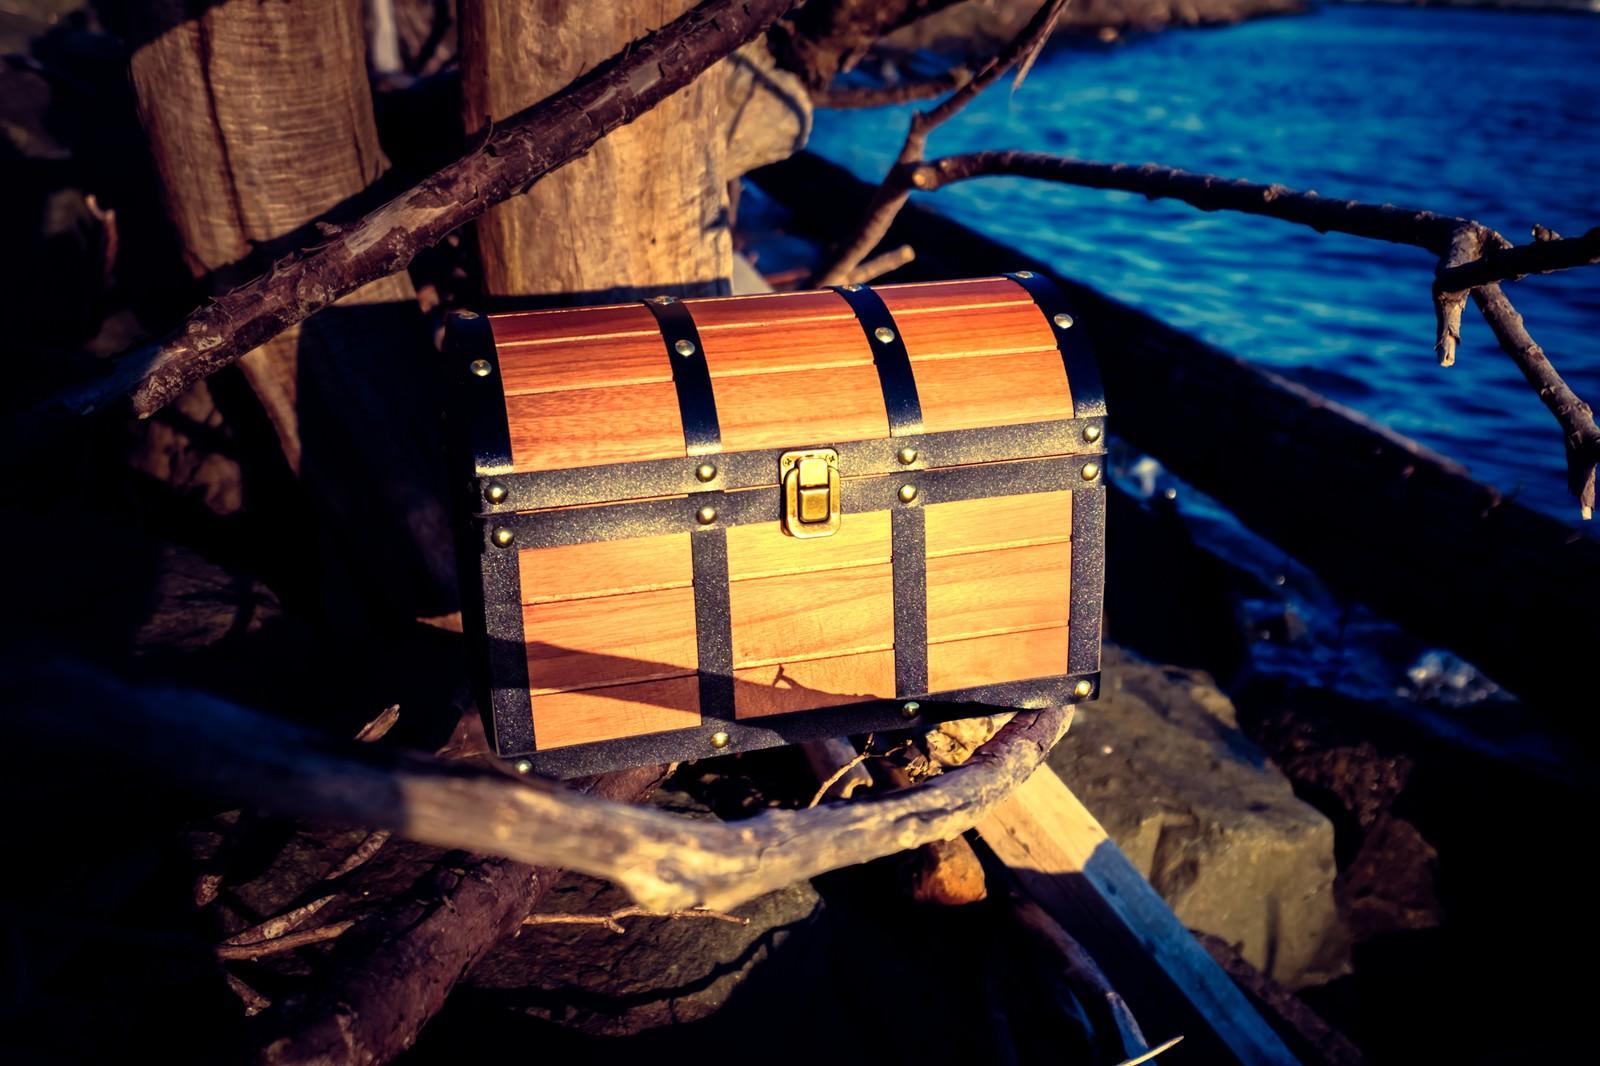 「海岸沿いで見つけた宝箱」の写真